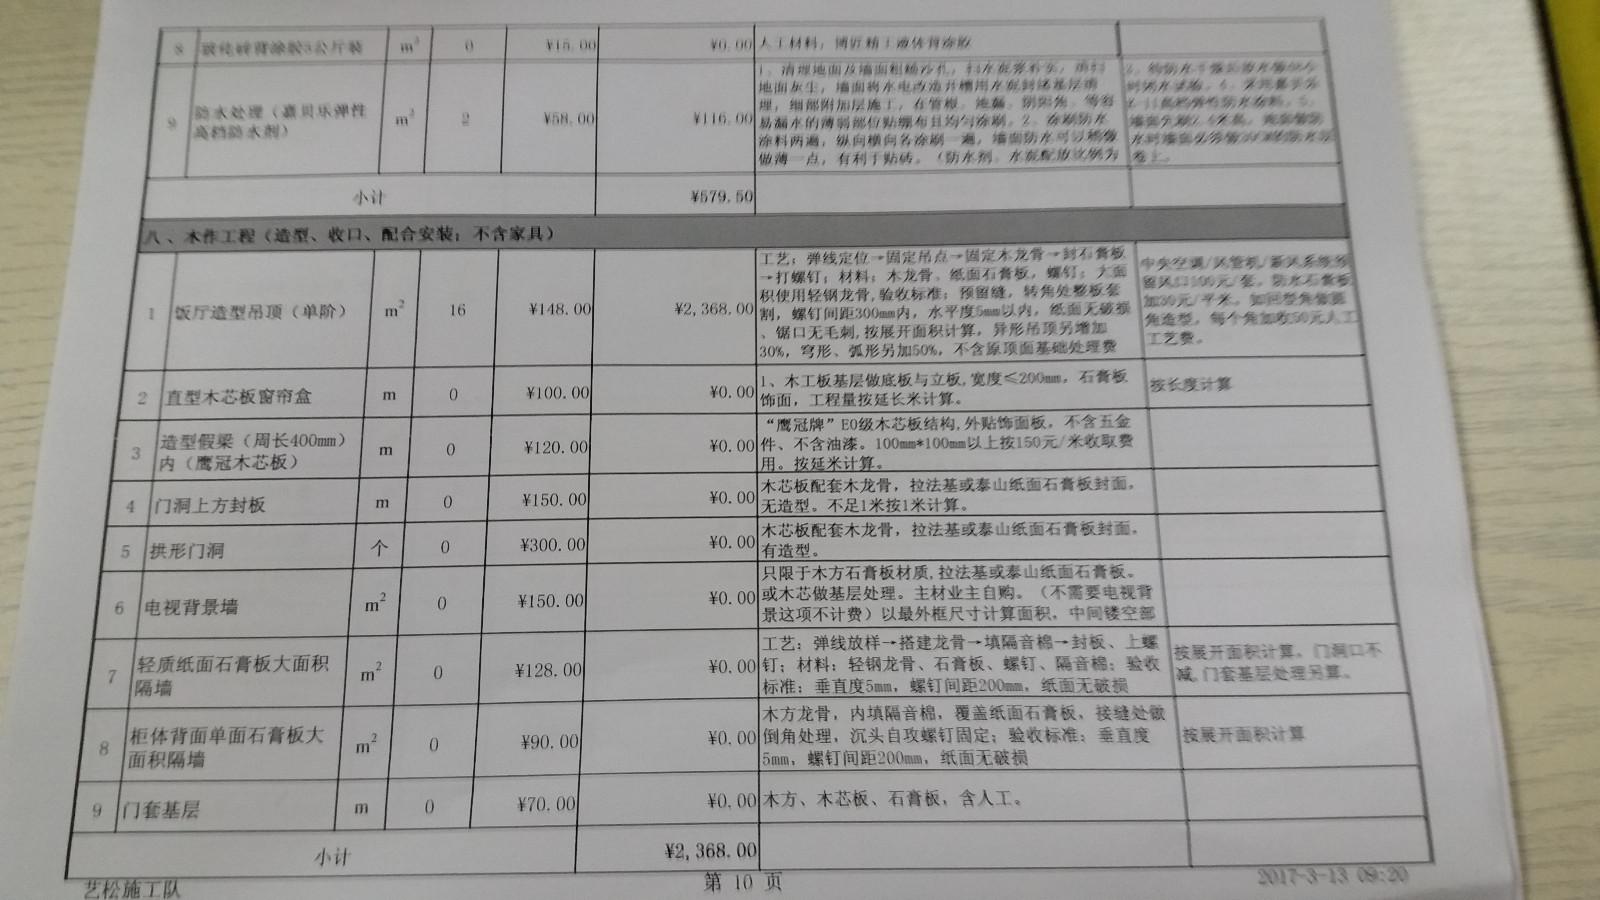 长源假日港湾报价审核结果8